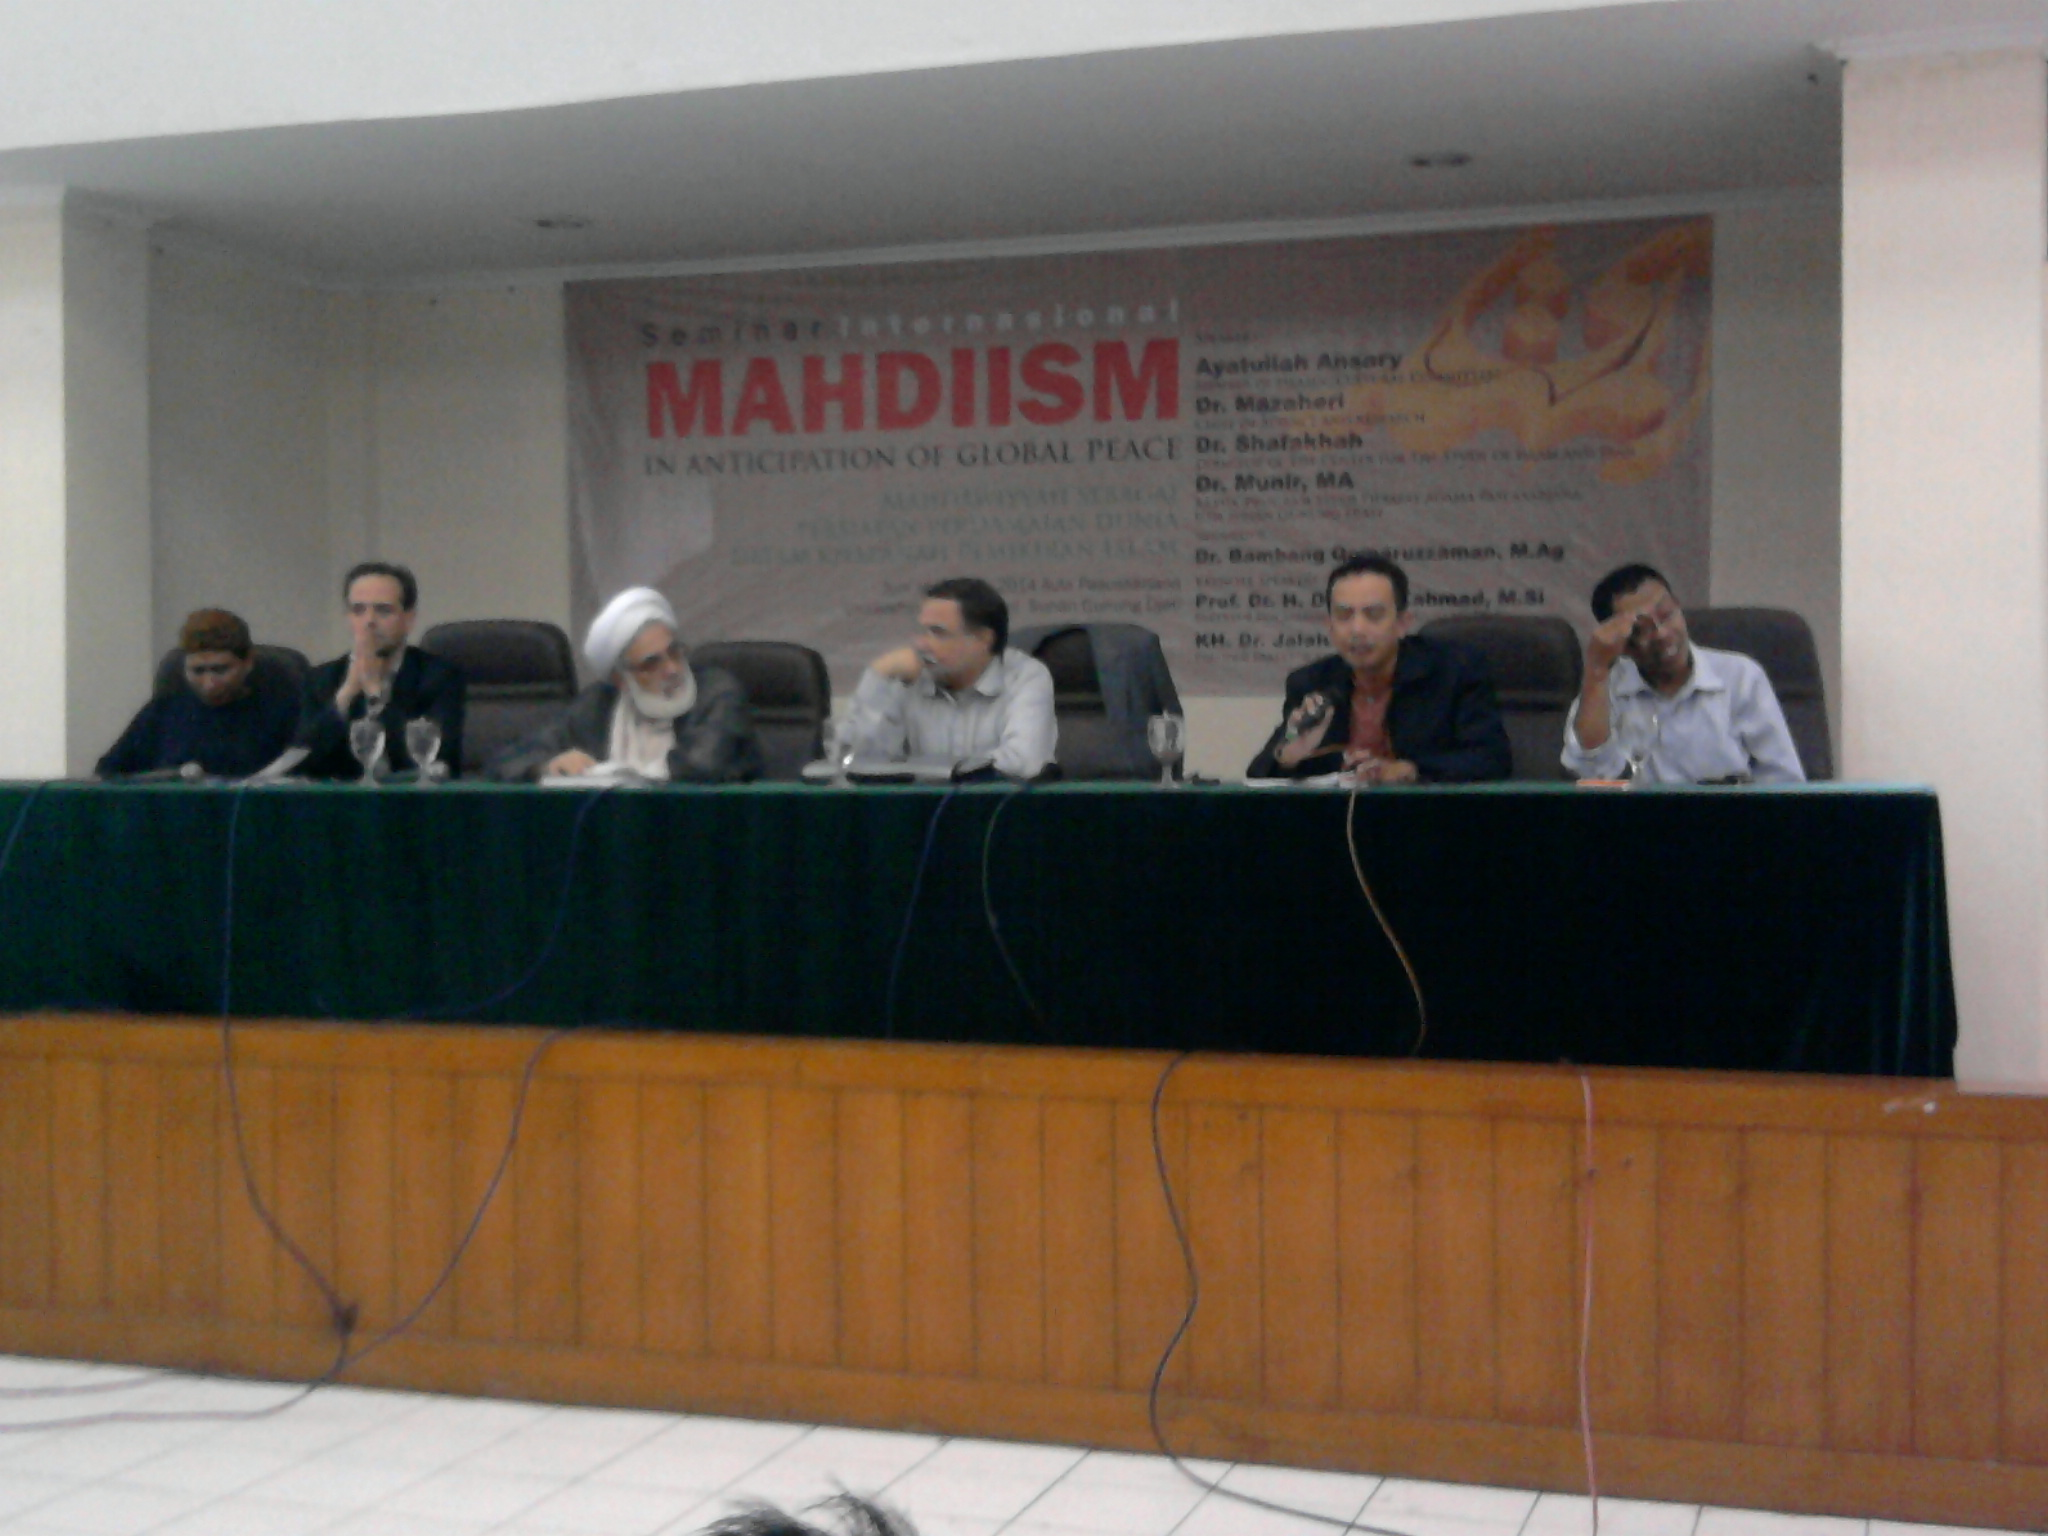 Mahdiism